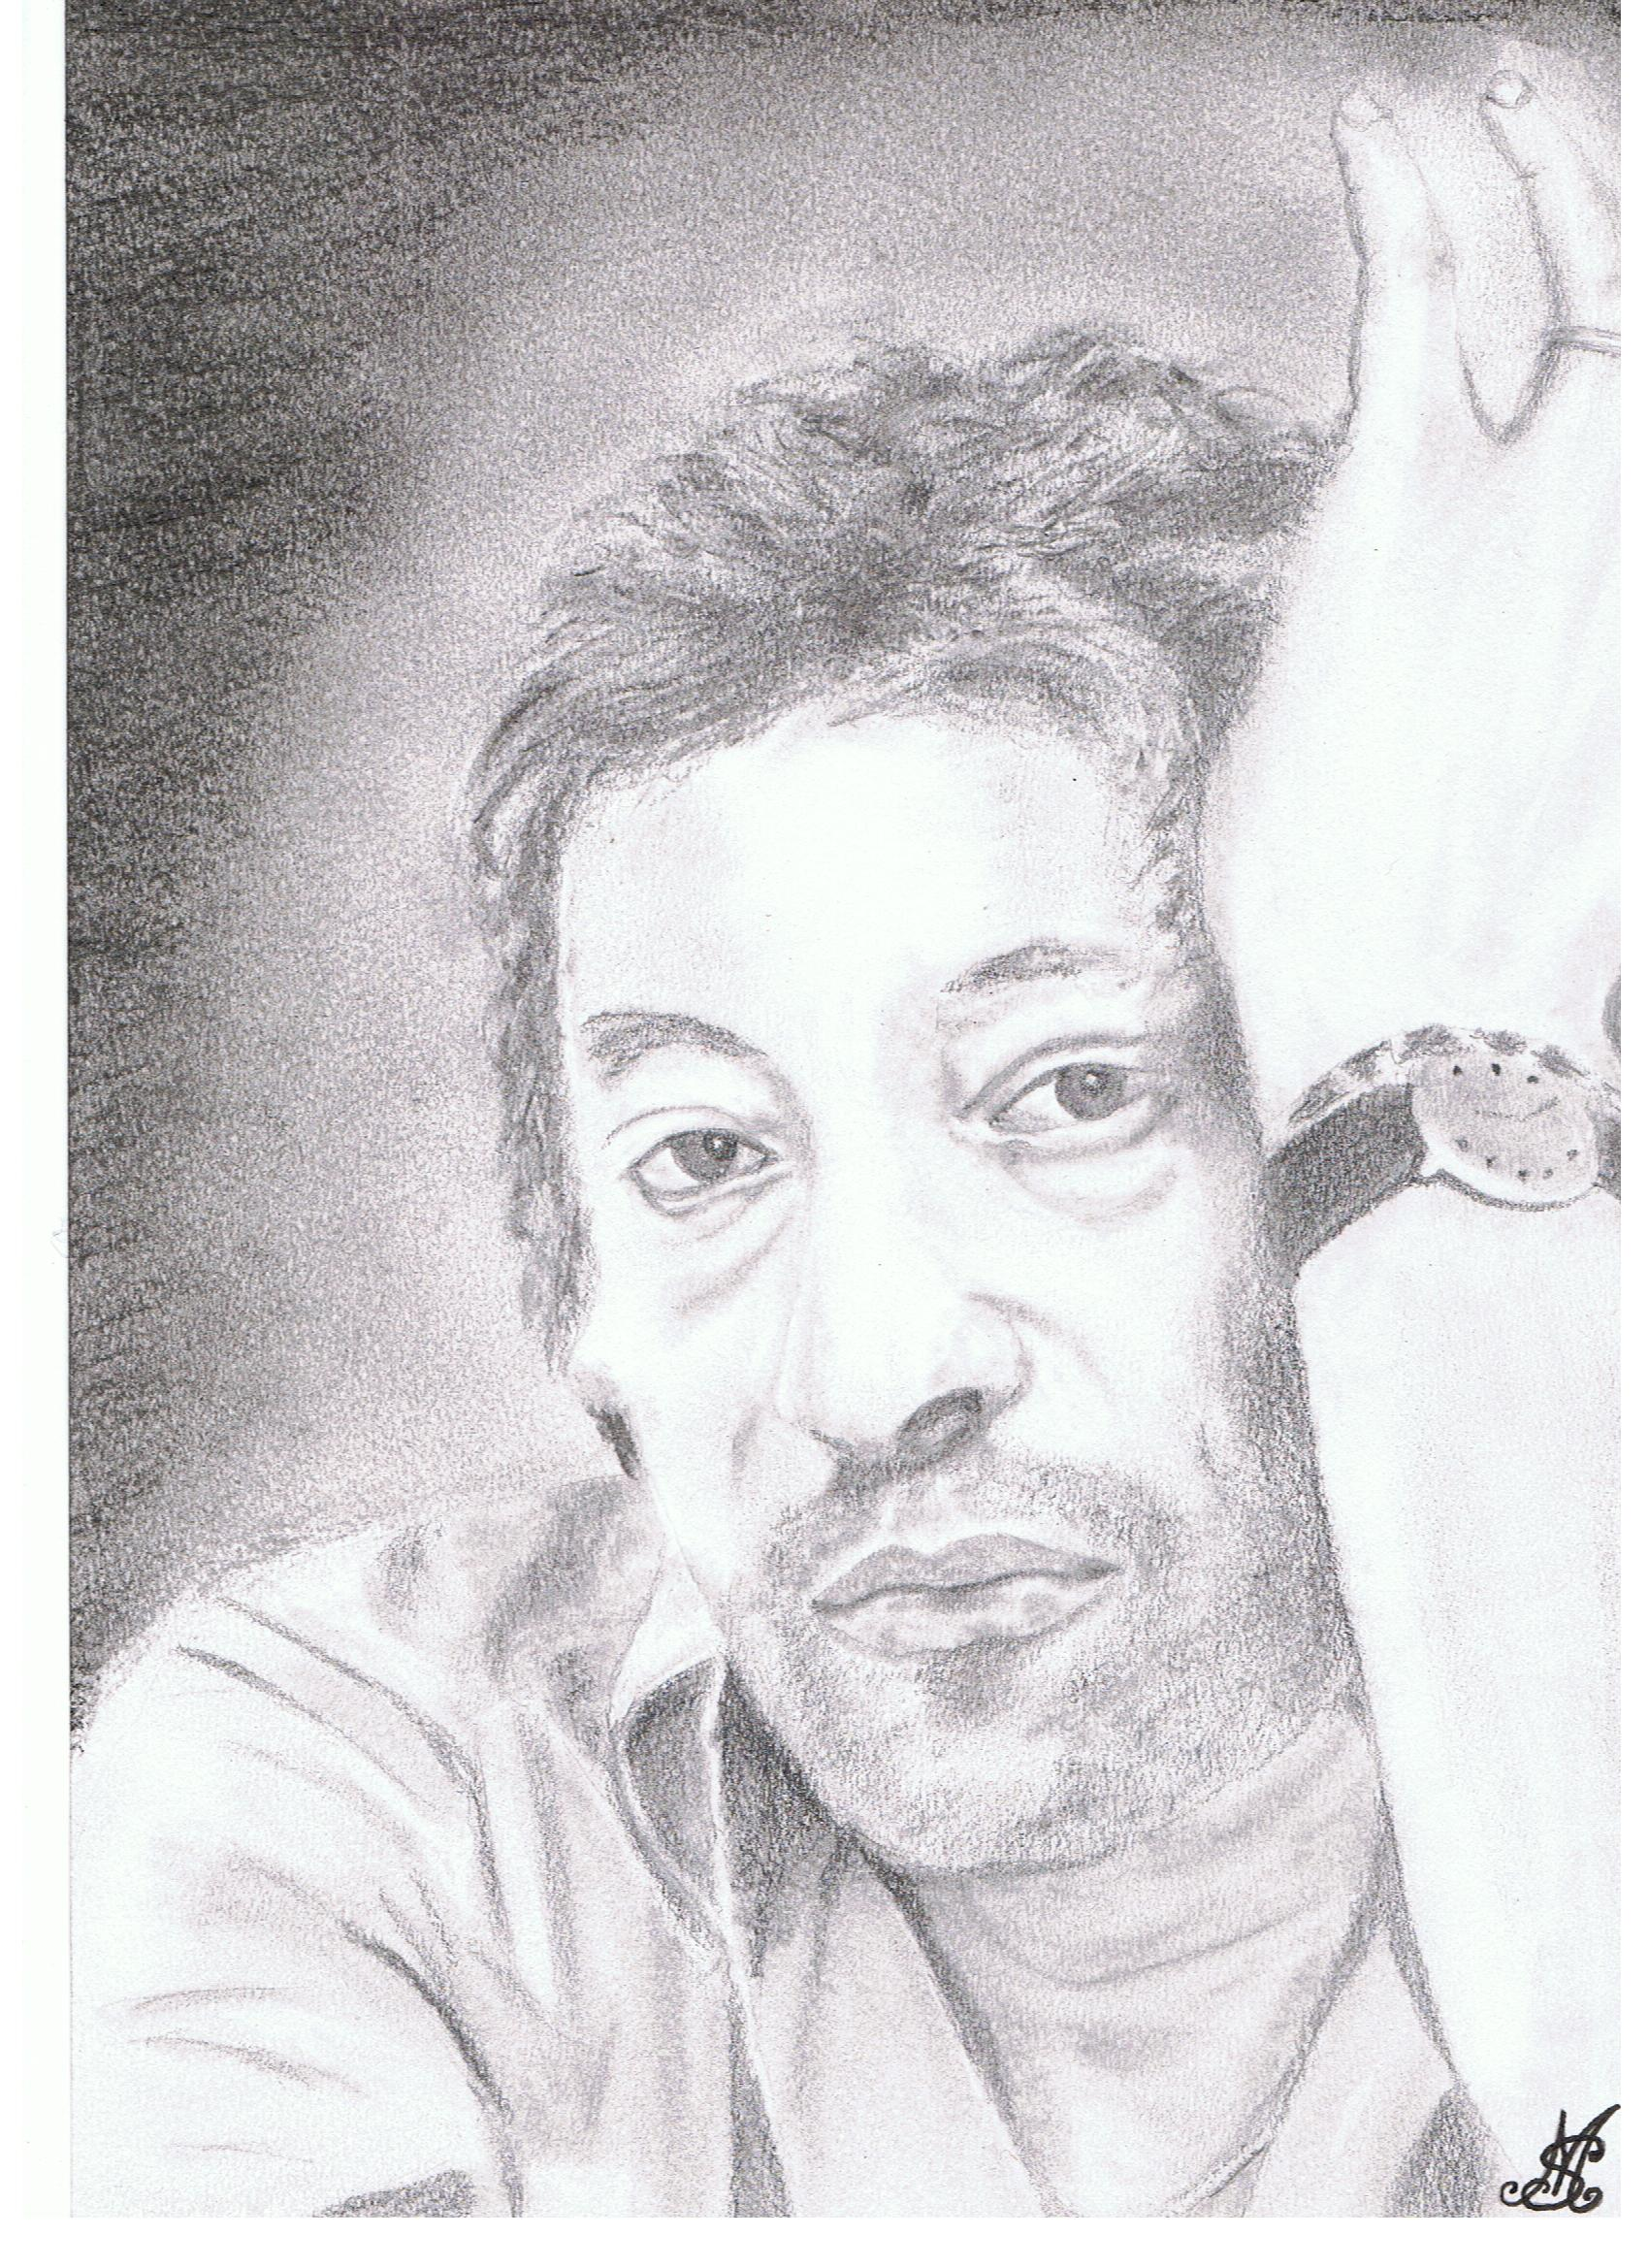 PORTRAIT de Serge Gainsbourg